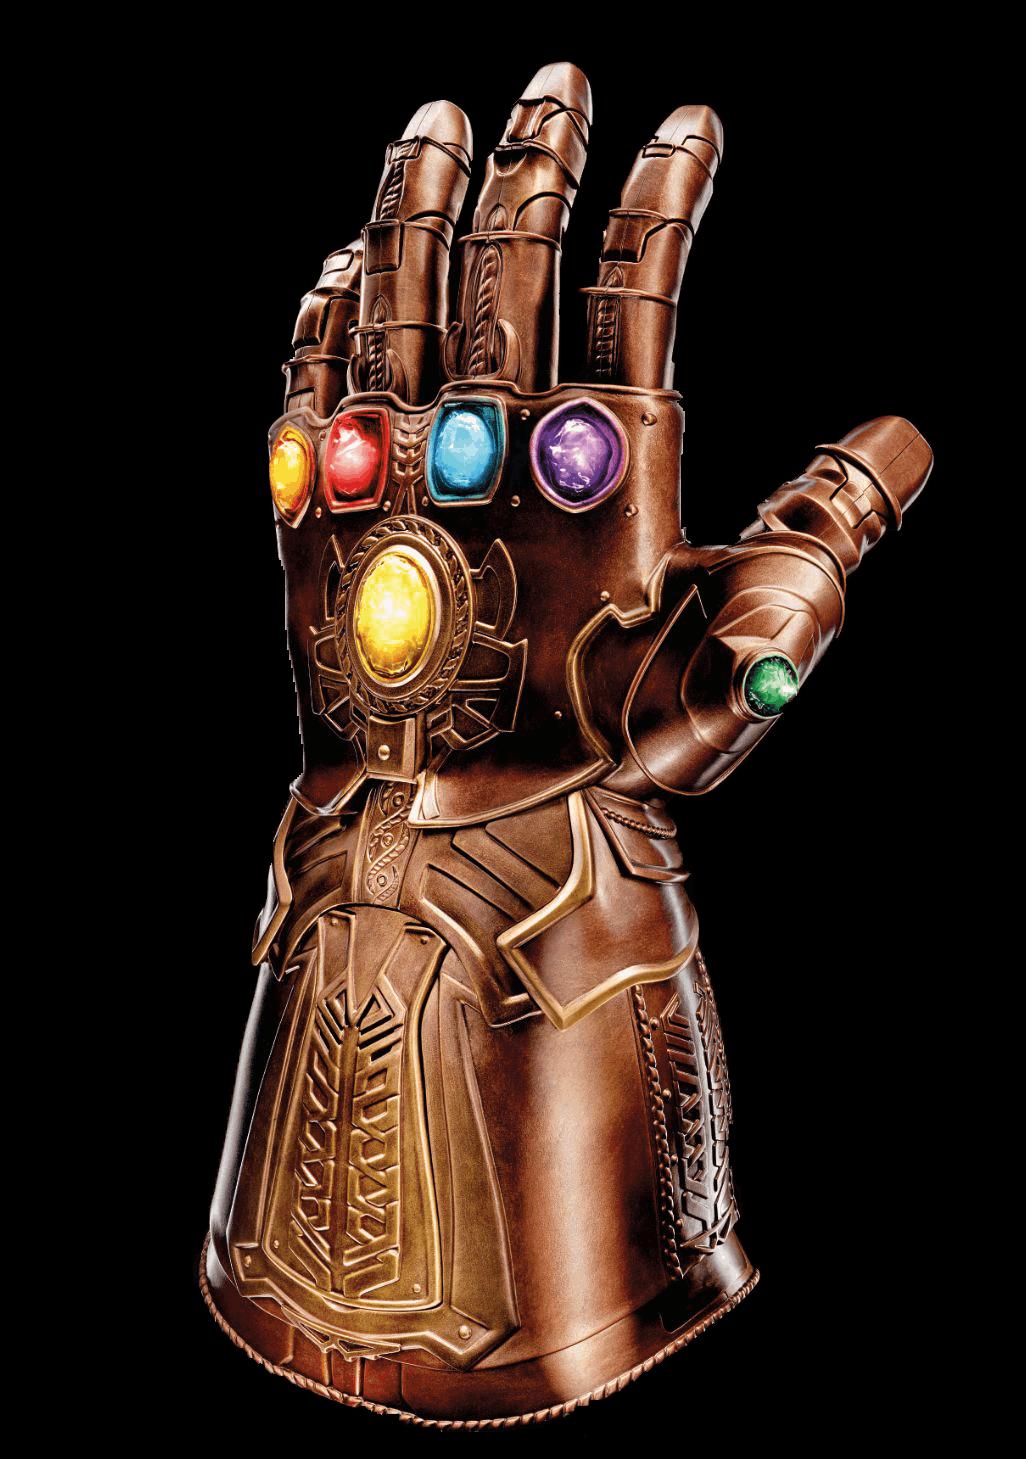 картинка перчатки таноса каком направлении она